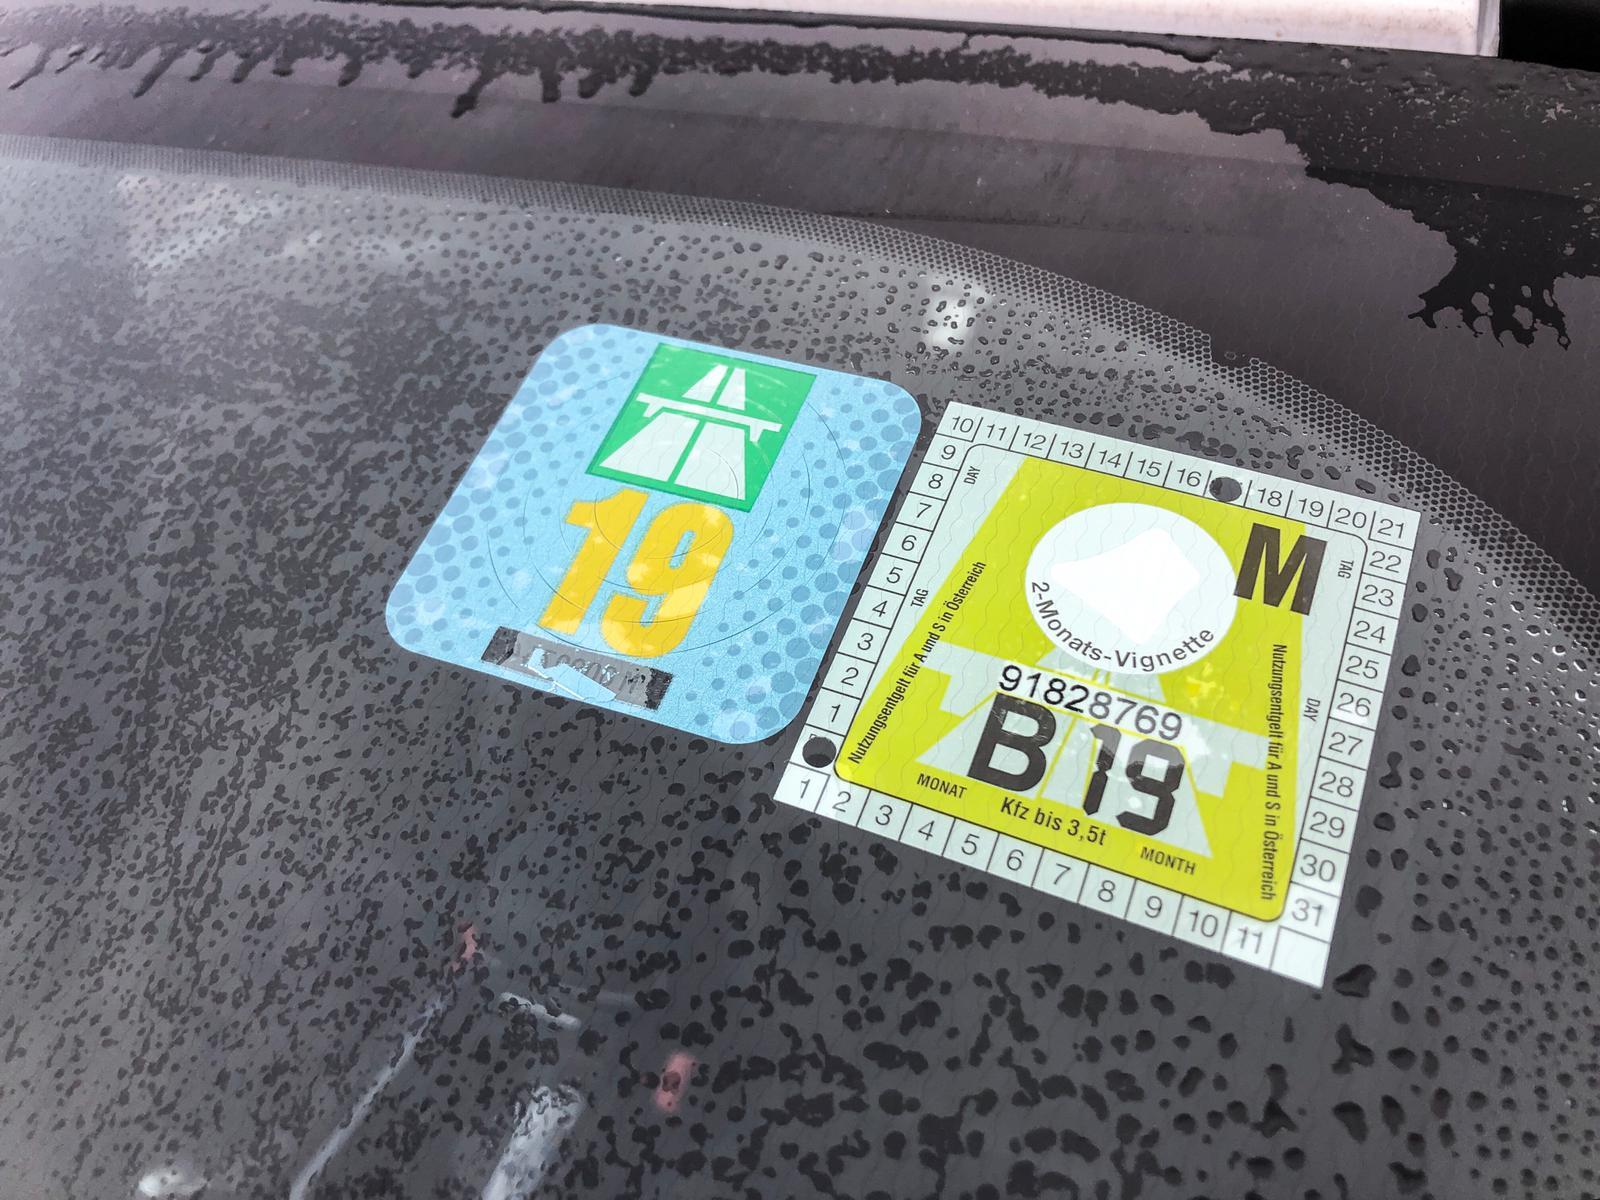 Vignet Oostenrijk Vignet Zwitserland 2019 op de auto